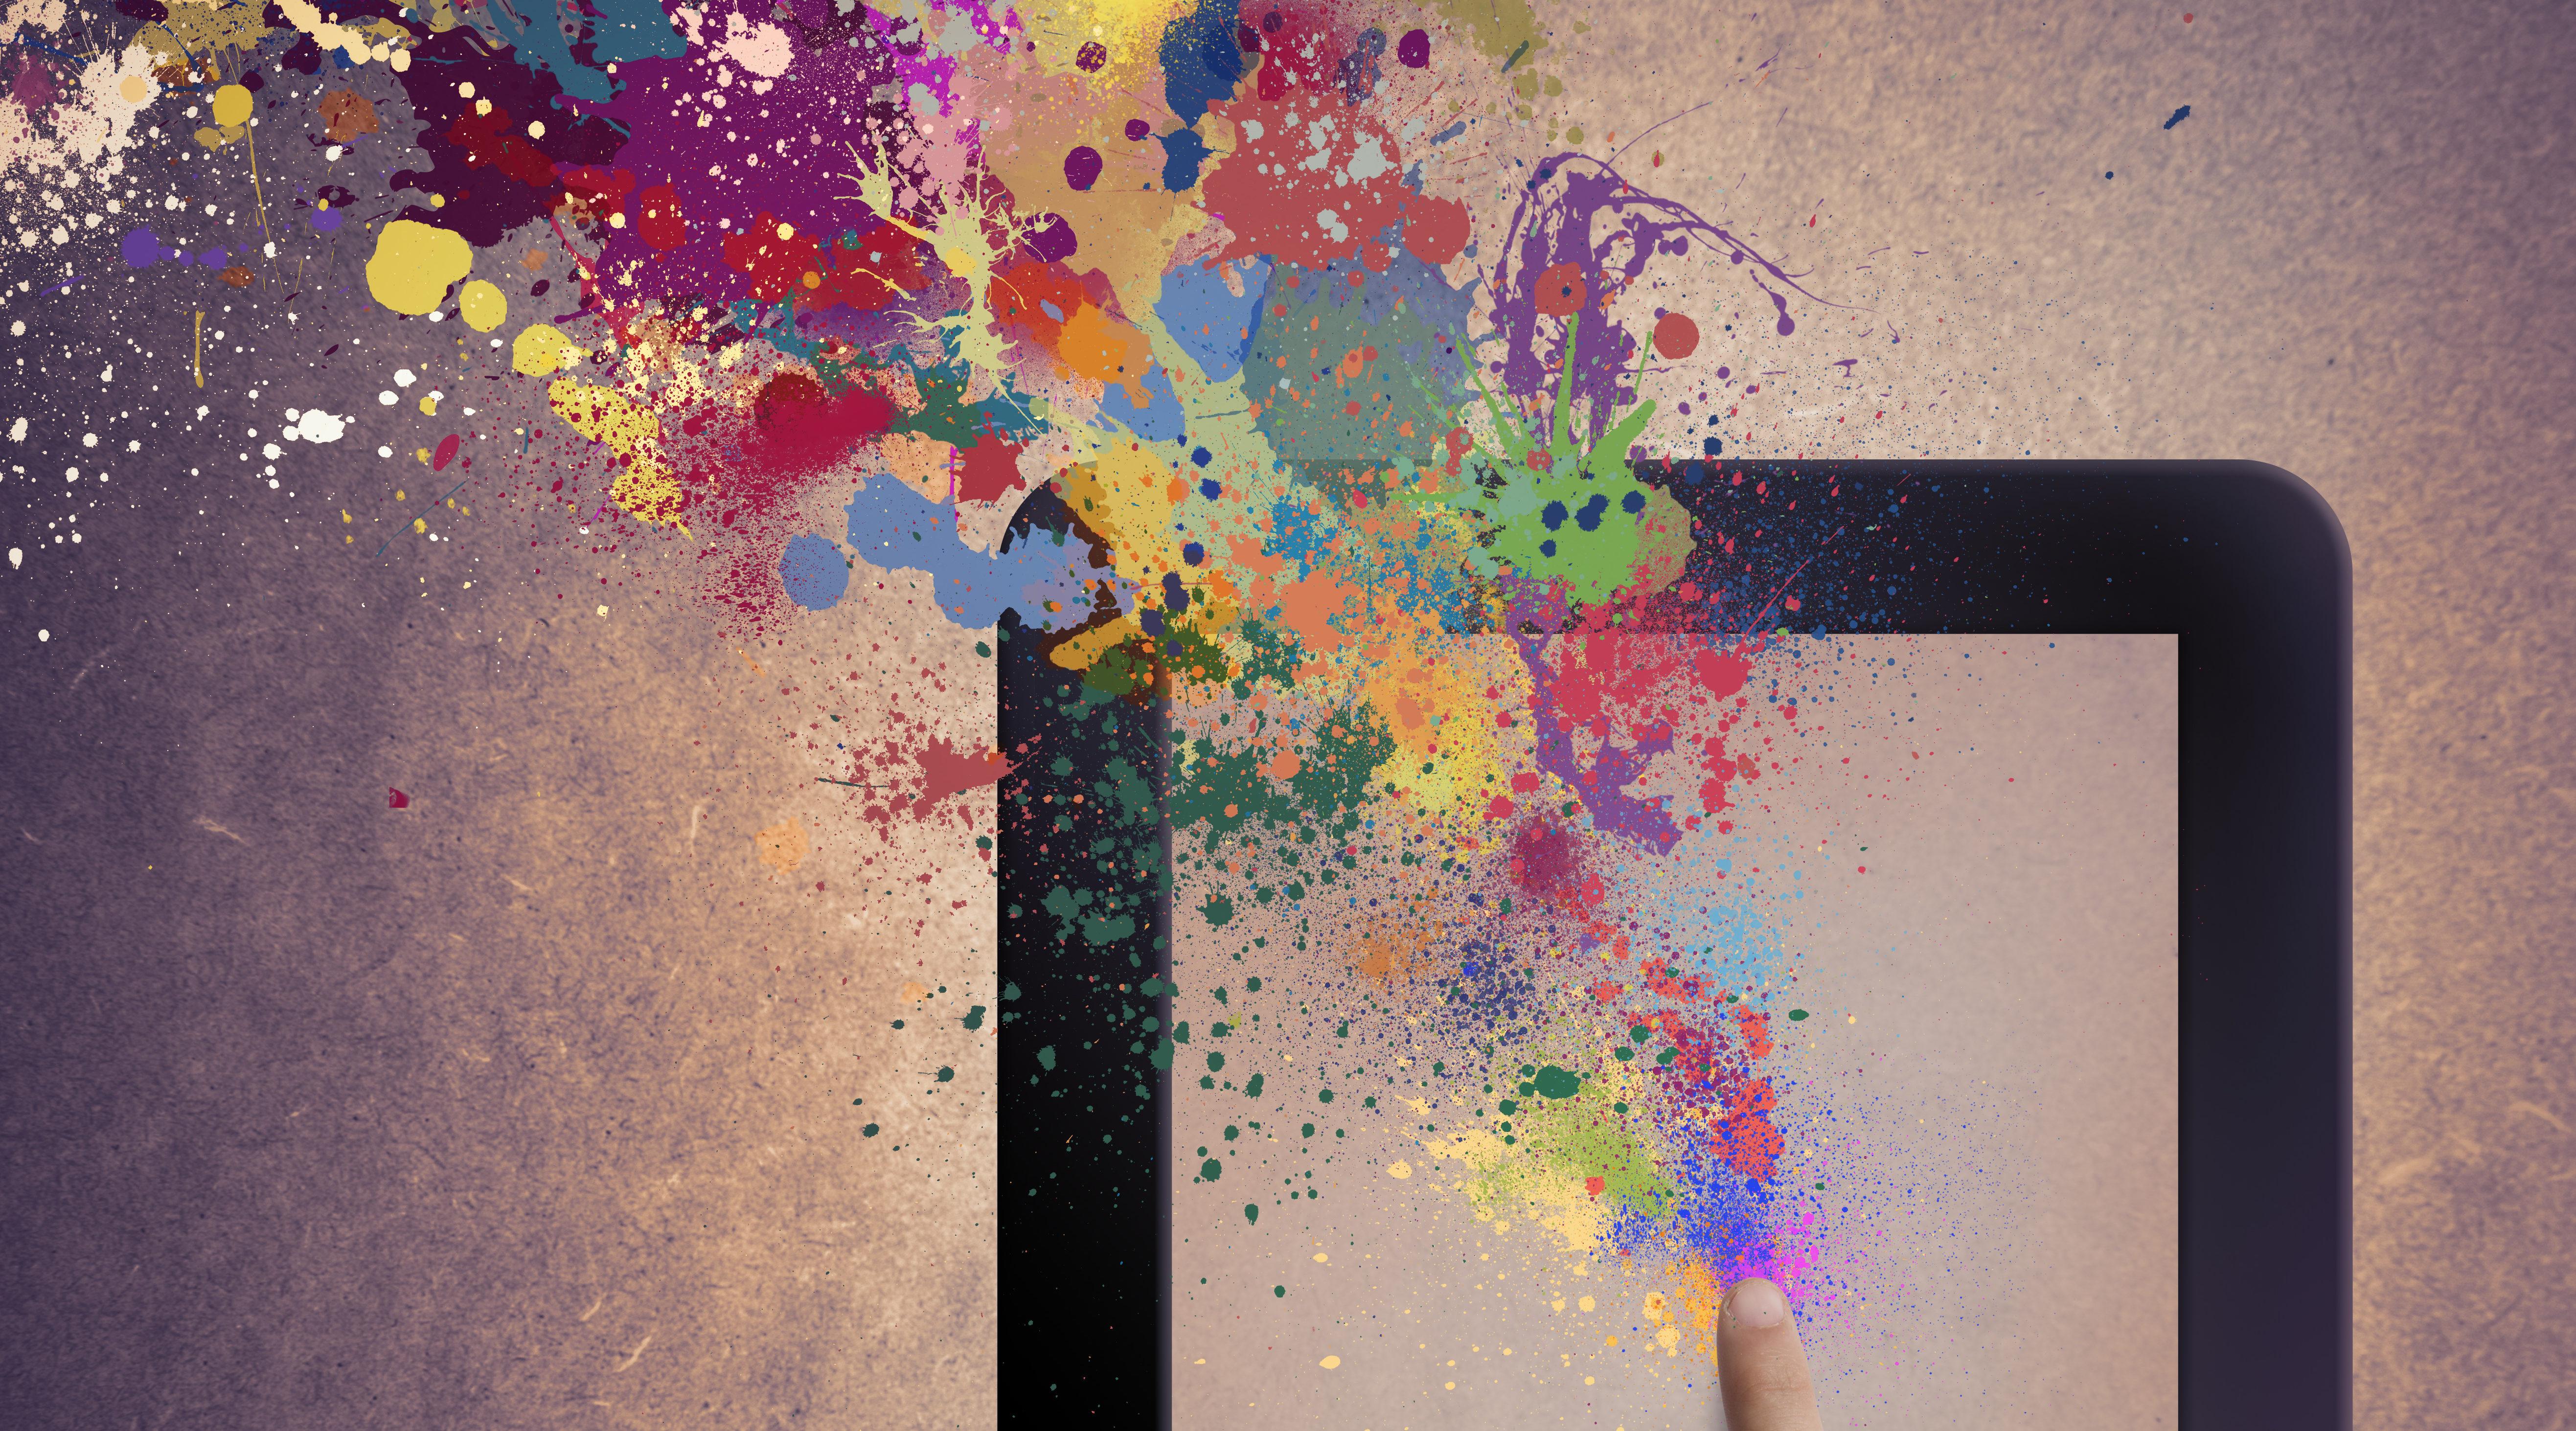 Kreativität und Künstliche Intelligenz - was spricht dafür, was dagegen?